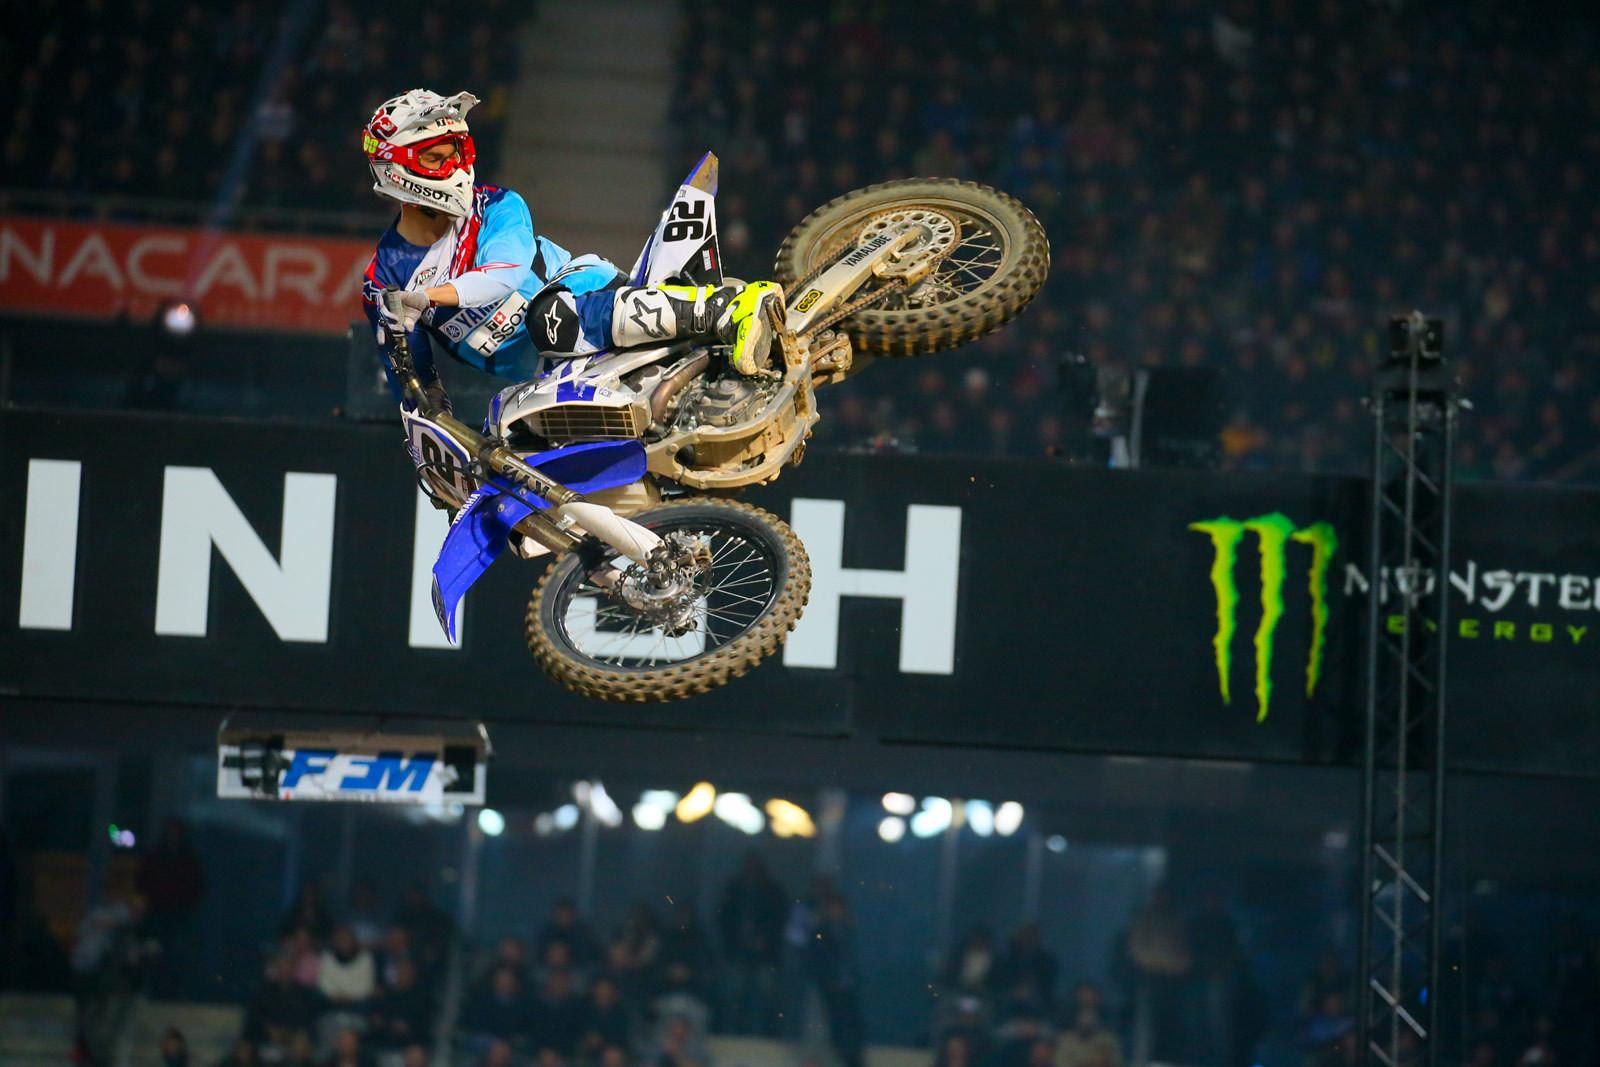 Superpole - Photo Blast: Paris-Lille Supercross - Motocross Pictures - Vital MX